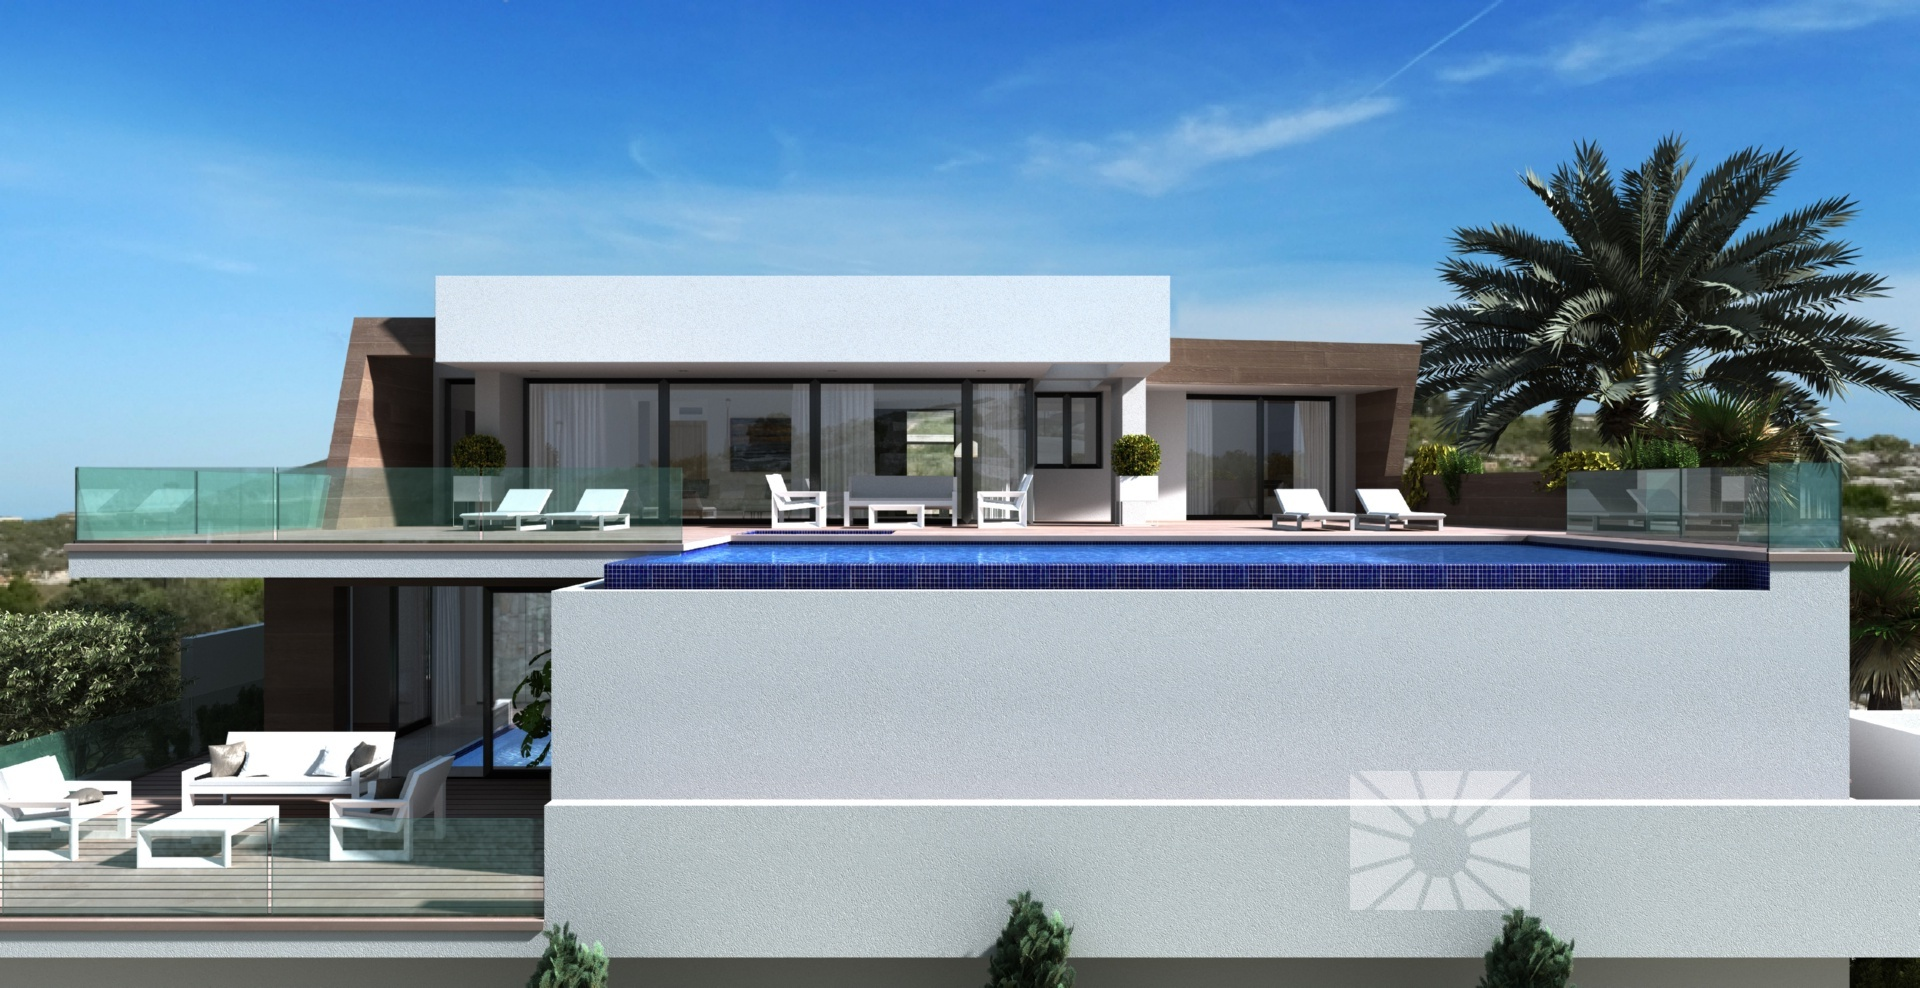 Villa bellavista moderne luxe villa te koop in woonwijk jazmines